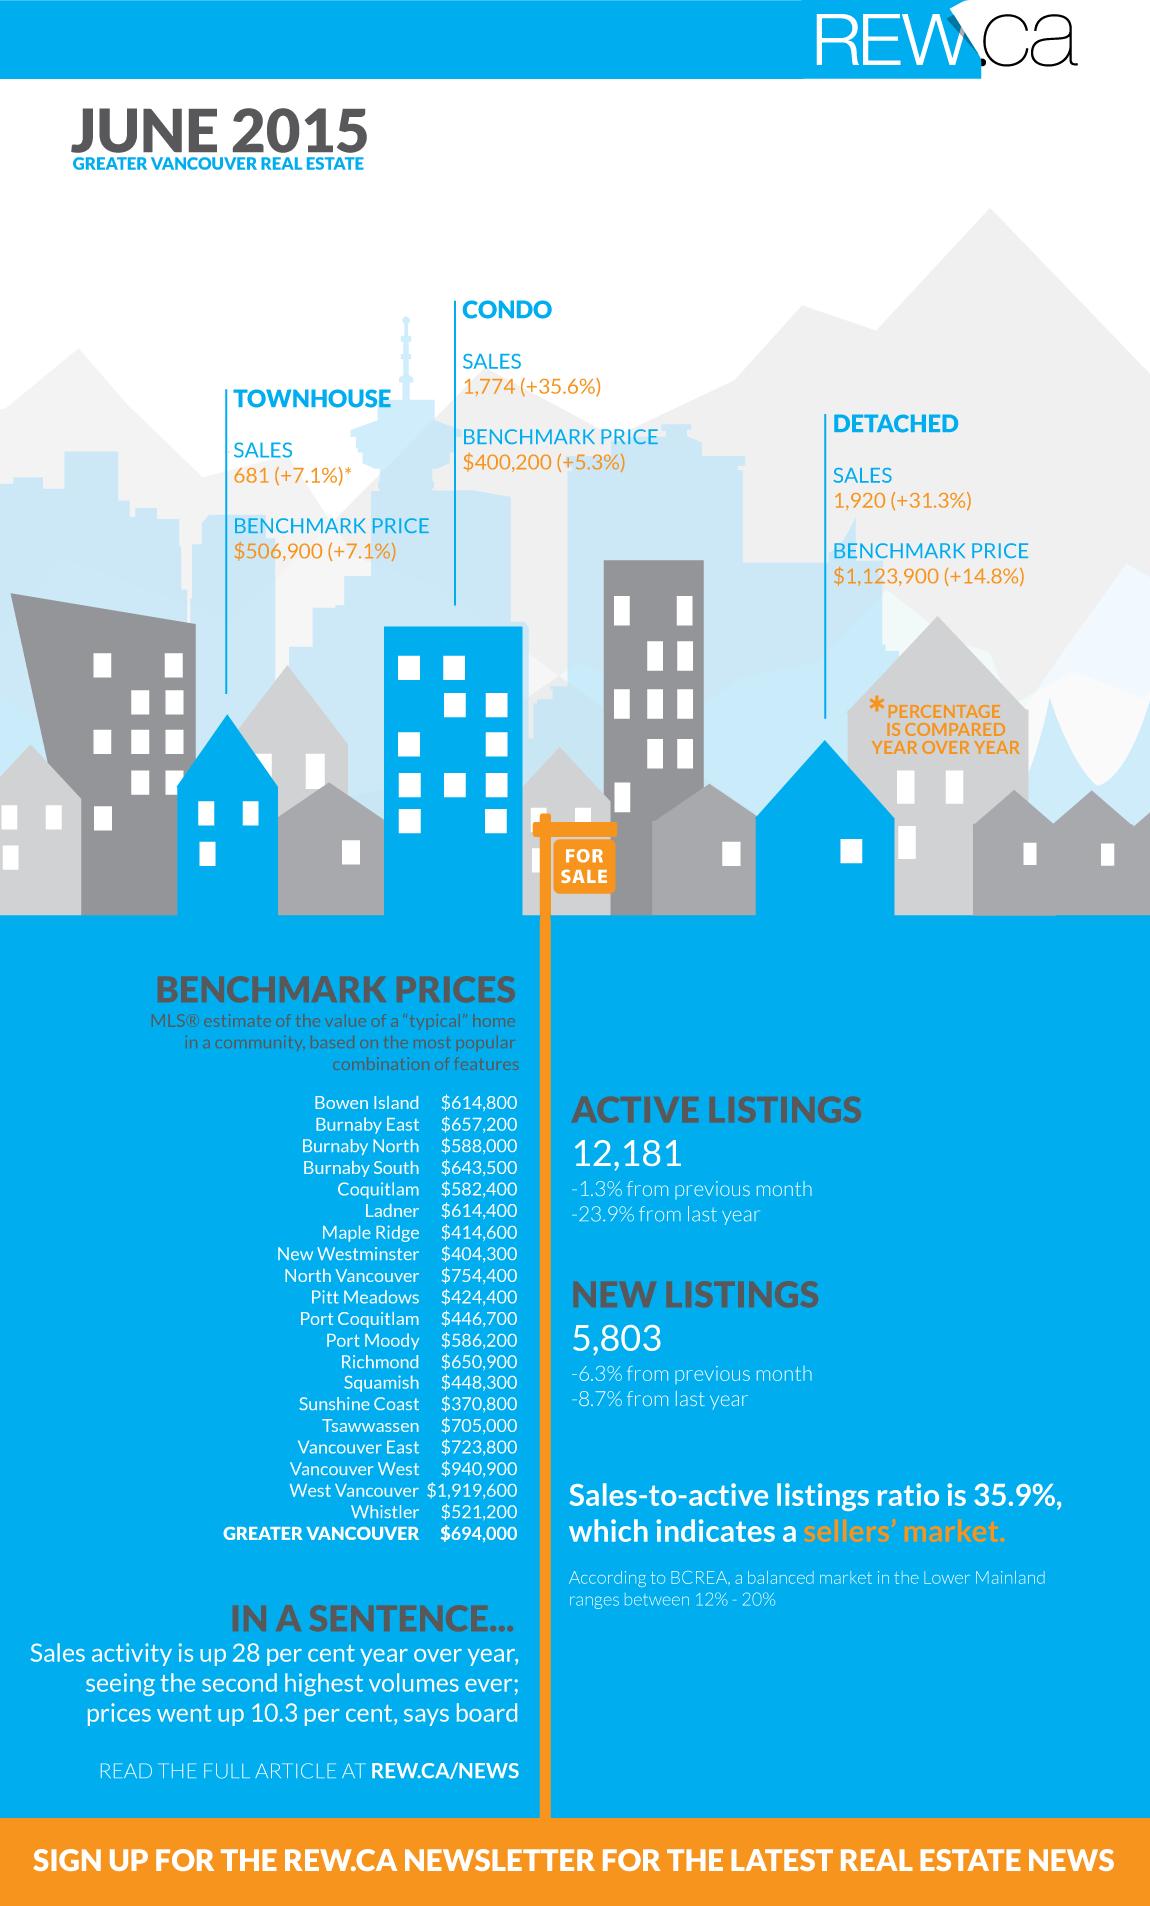 rebgv june 2015 infographic